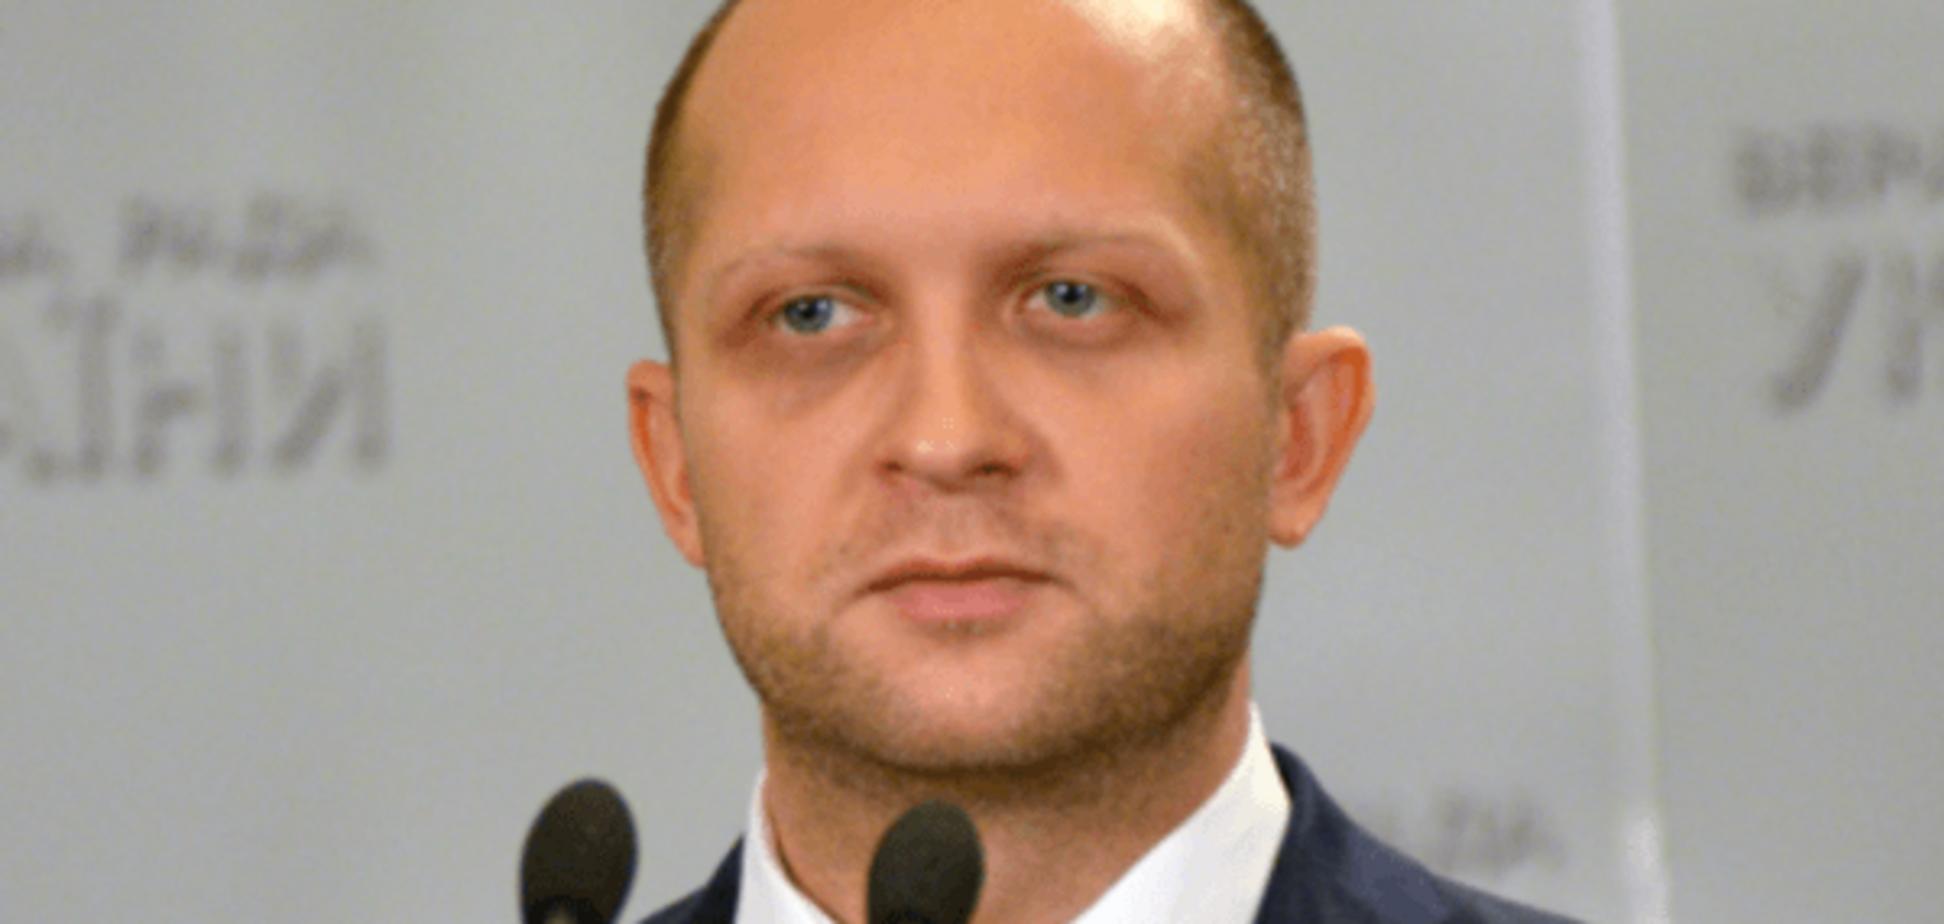 'ГлобалМані' звернулася у суд та ГПУ у зв'язку із звинуваченнями нардепа